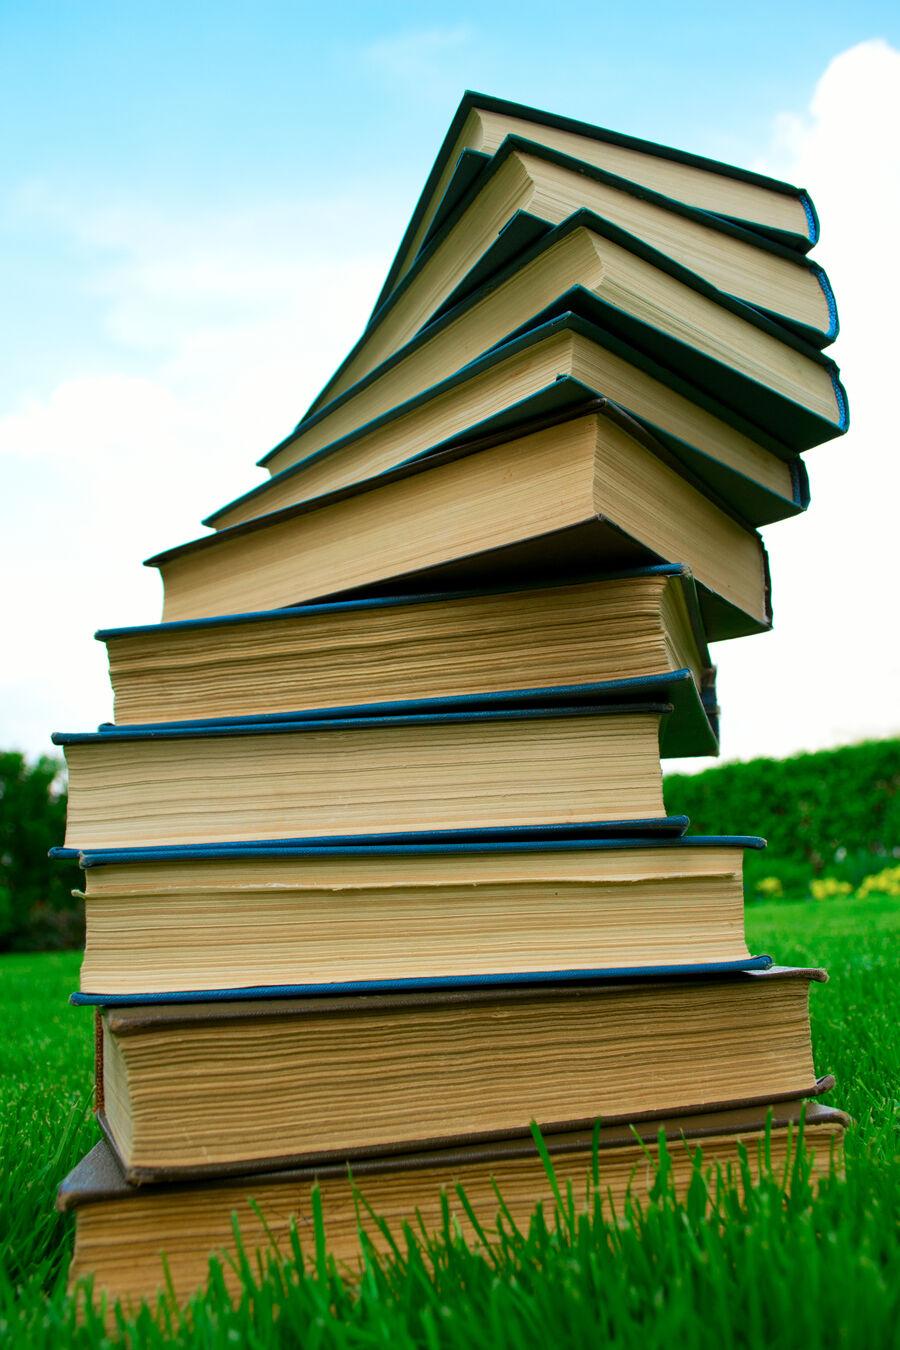 Har du lyst til at dele dine læseoplevelser med andre, er en af bibliotekets litteraturklubber sikkert noget for dig